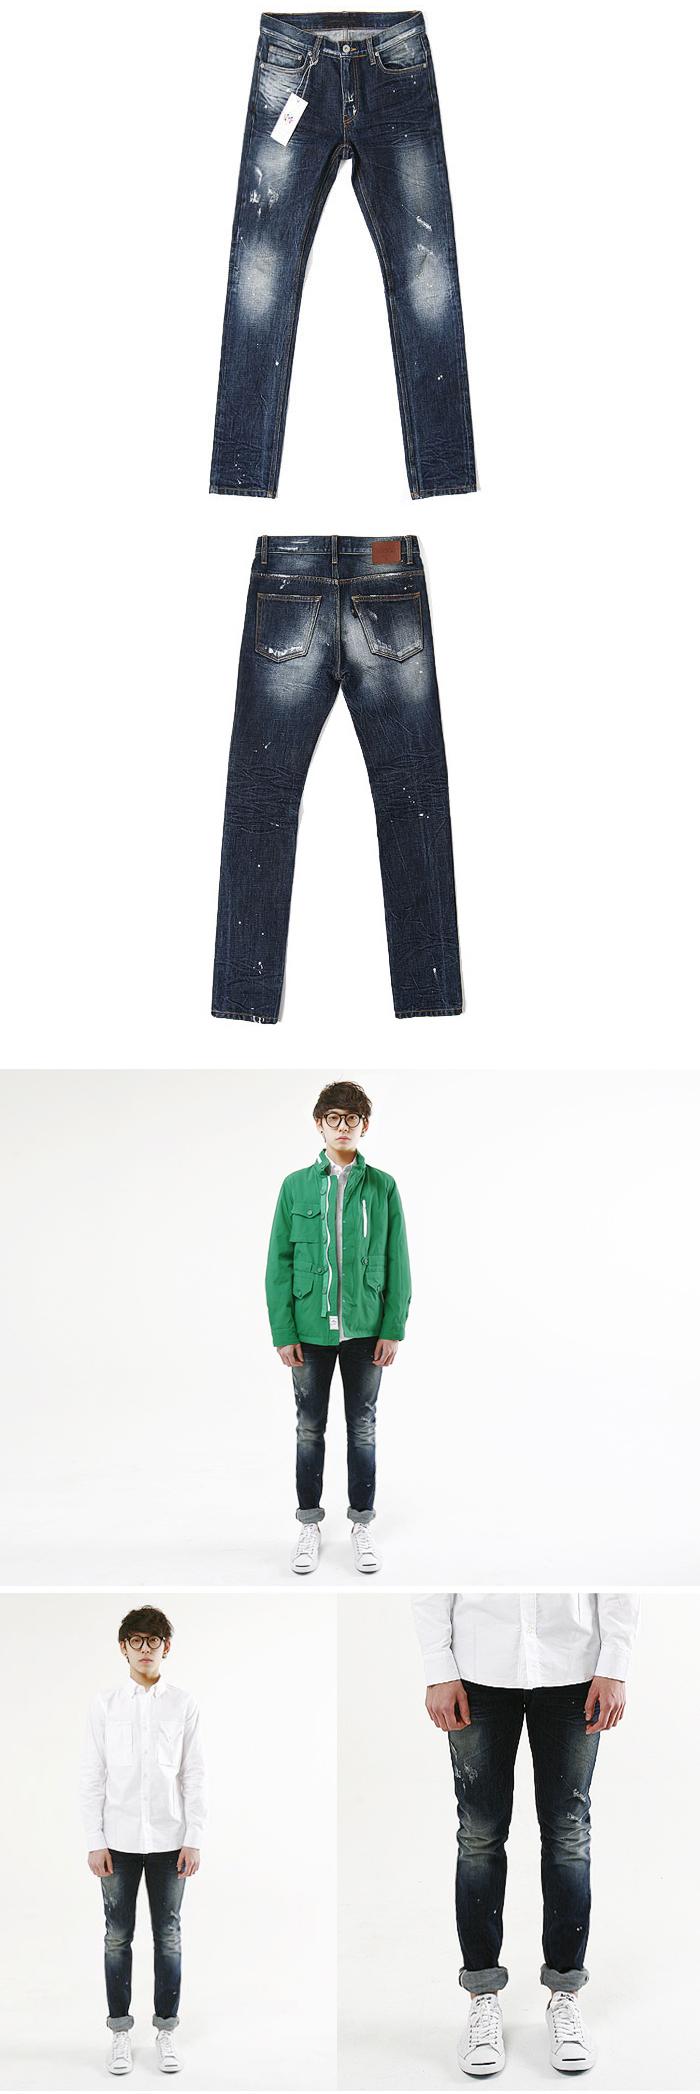 Modified [모디파이드] 쟈켓 / 옥스퍼드 셔츠 / 워싱진 발매 안내